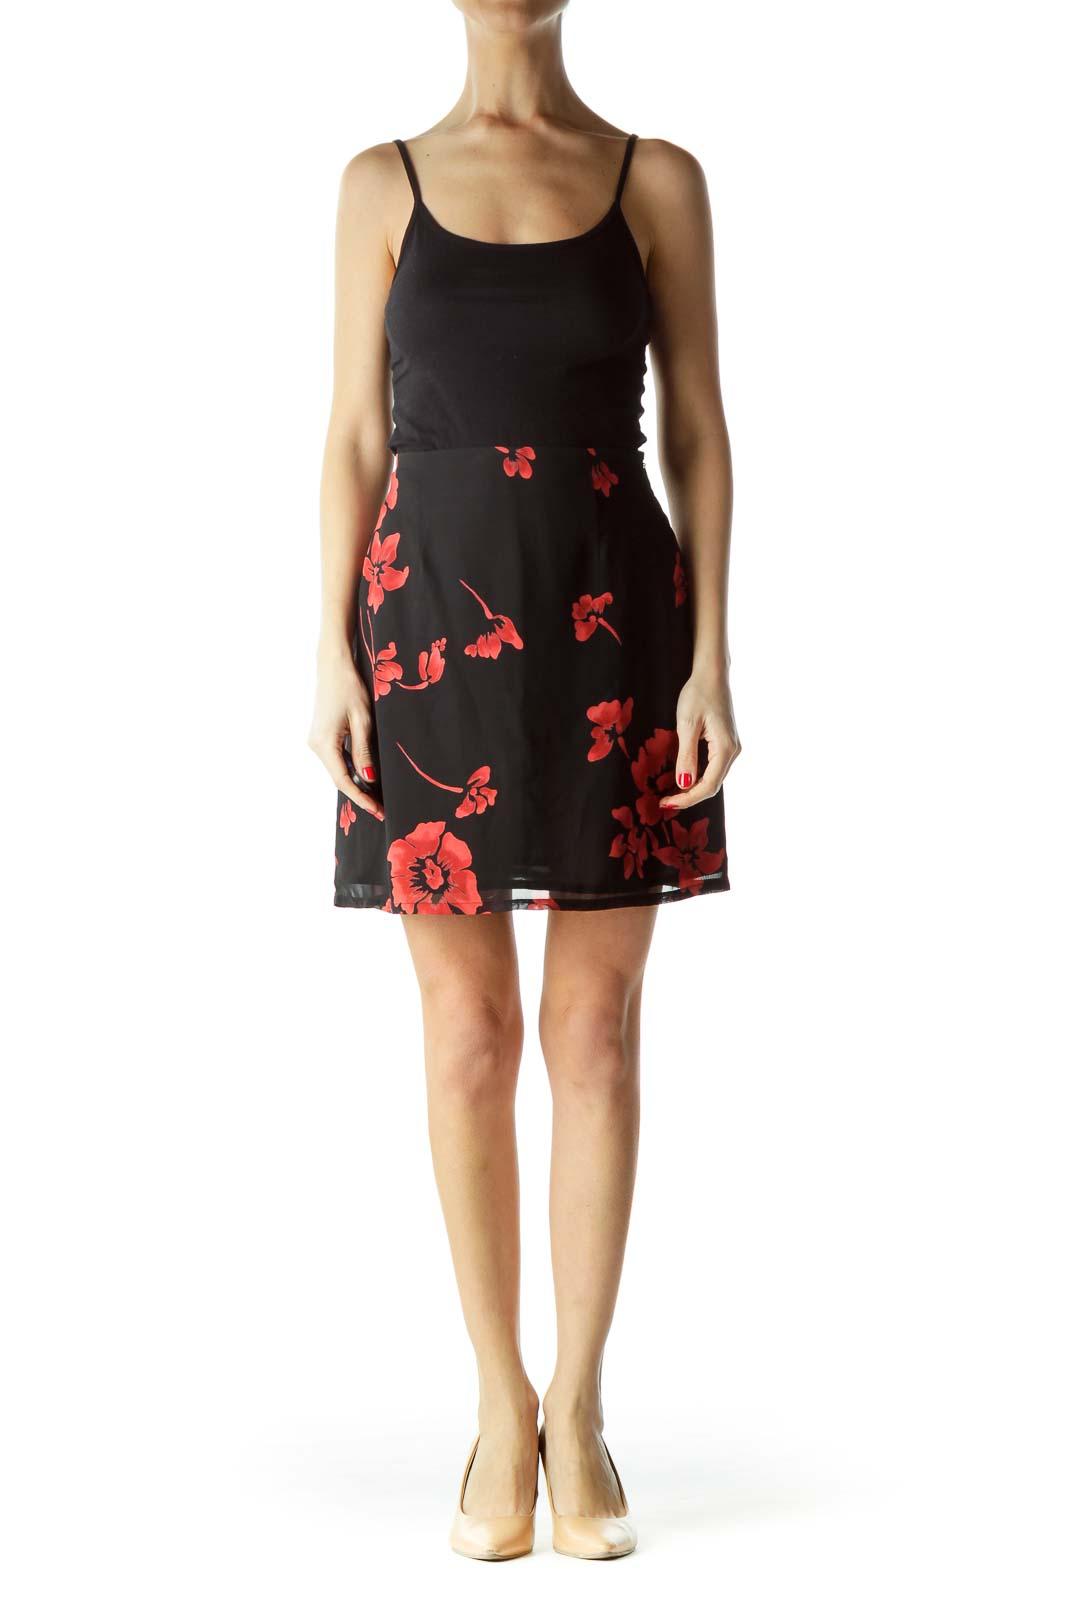 Black Red Floral Mini Skirt